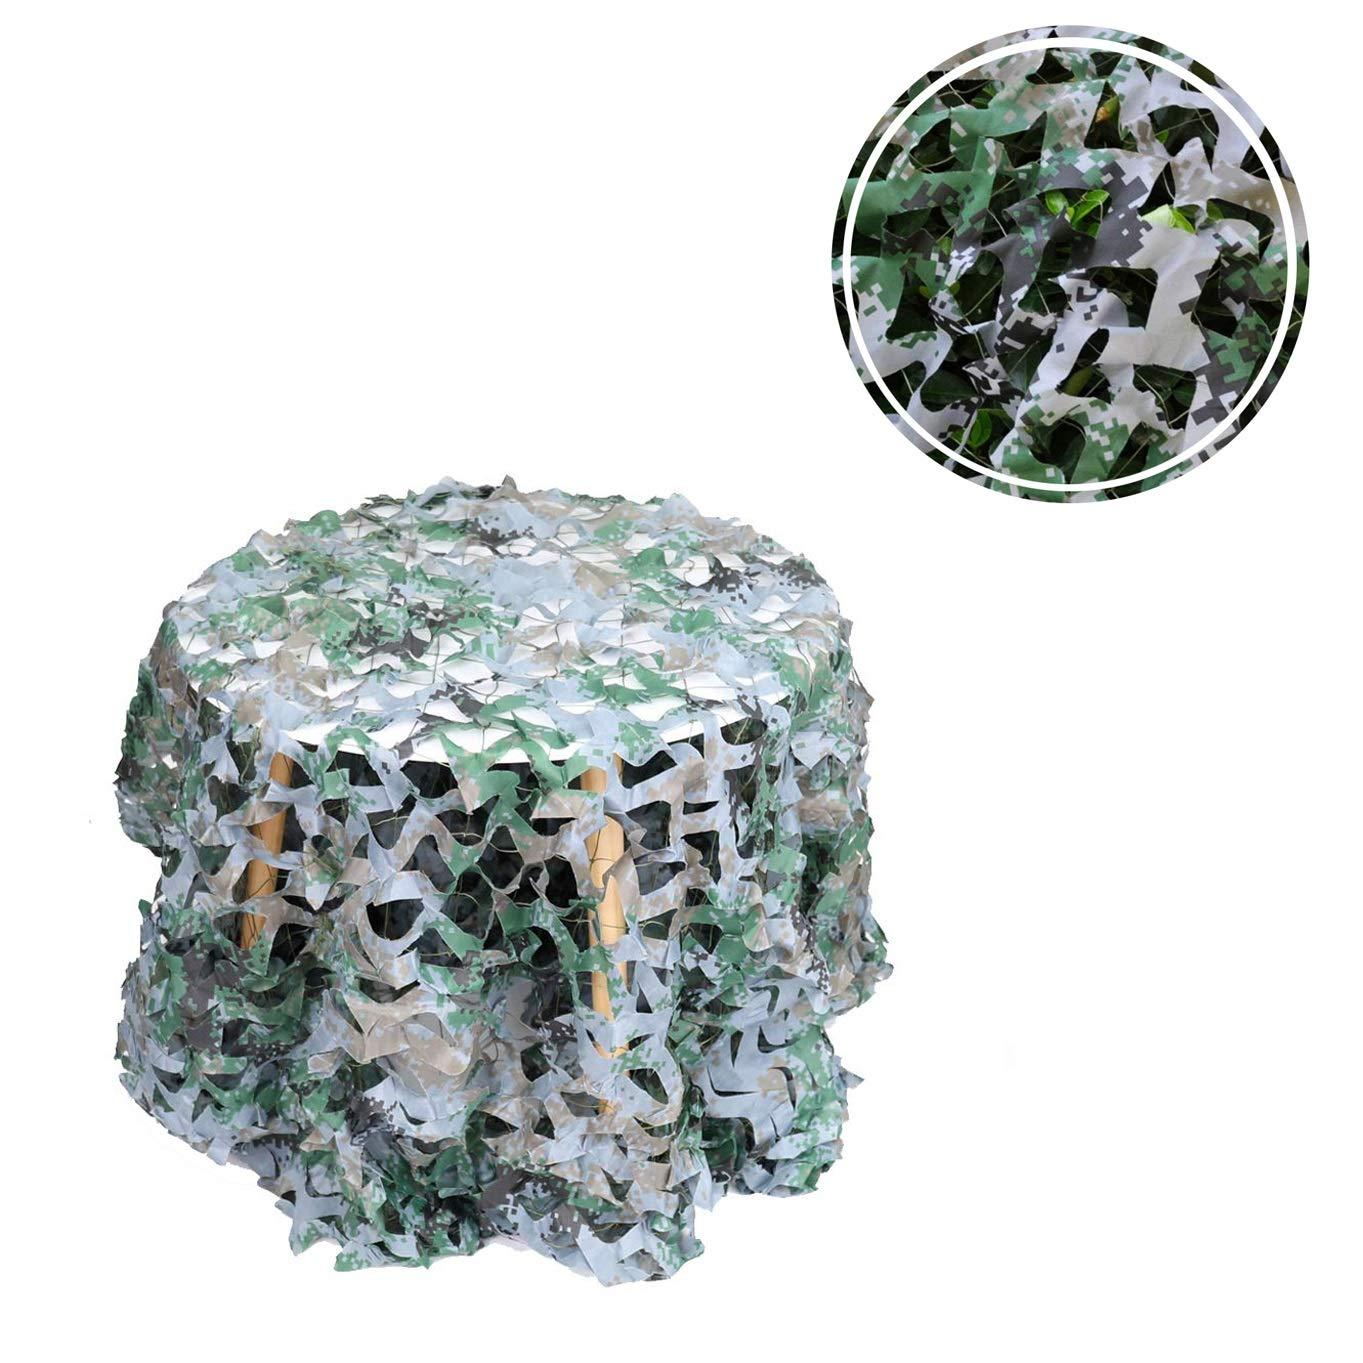 23M Filet de Camouflage Auvents Renforcé 3x3 4x3m Filet d'ombrage Filet Solaire Filet de Prougeection Solaire Voiles de BÂche de Tente for Camping Extérieur avec Clôture Plusieurs Tailles Vert Jungle